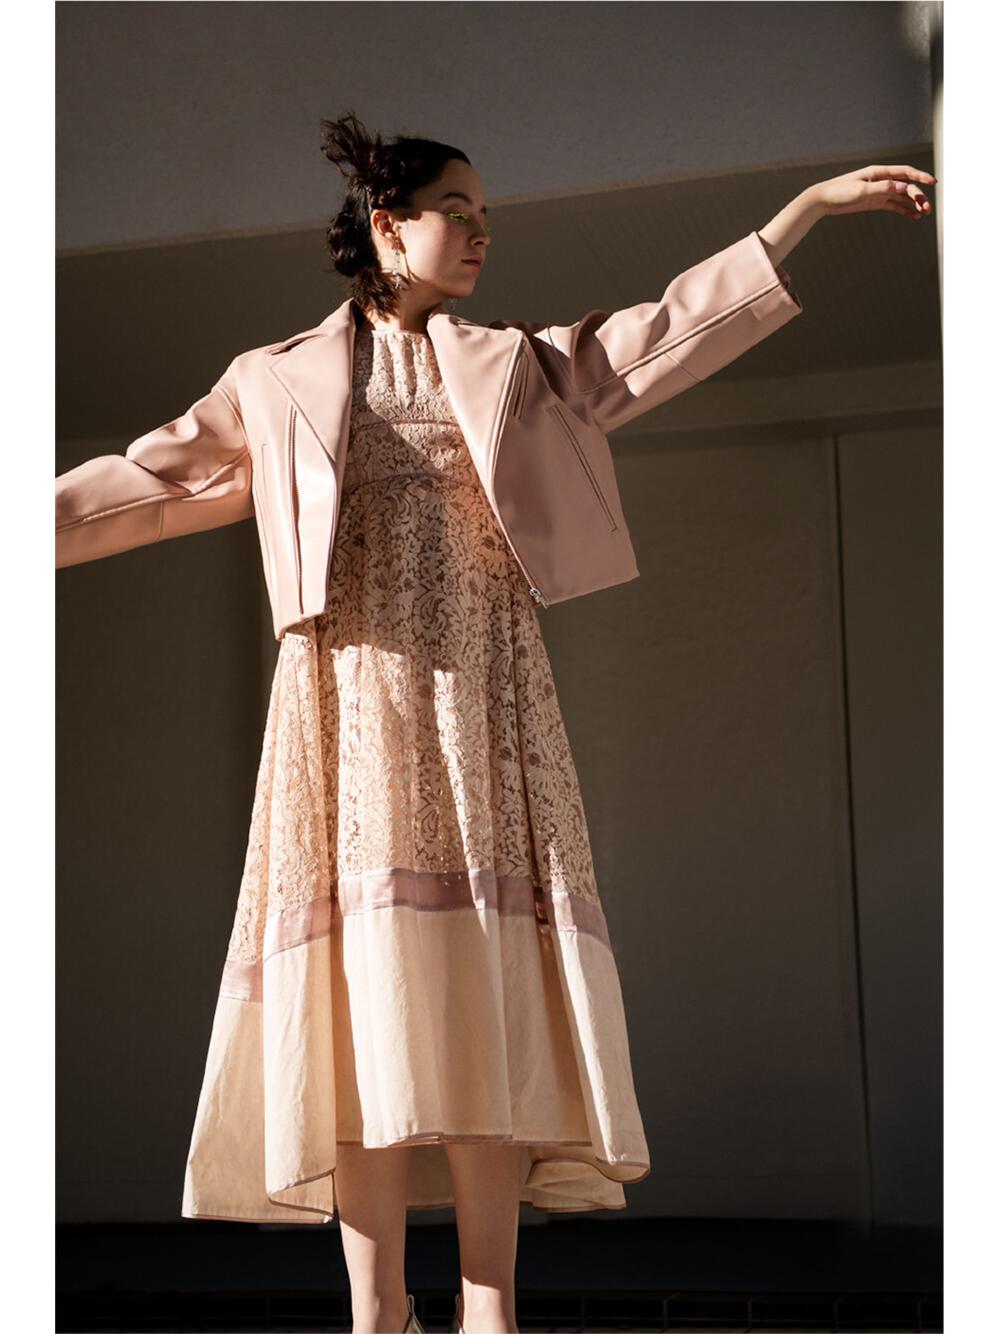 タックノースリーブレースドレス | RWFO211036